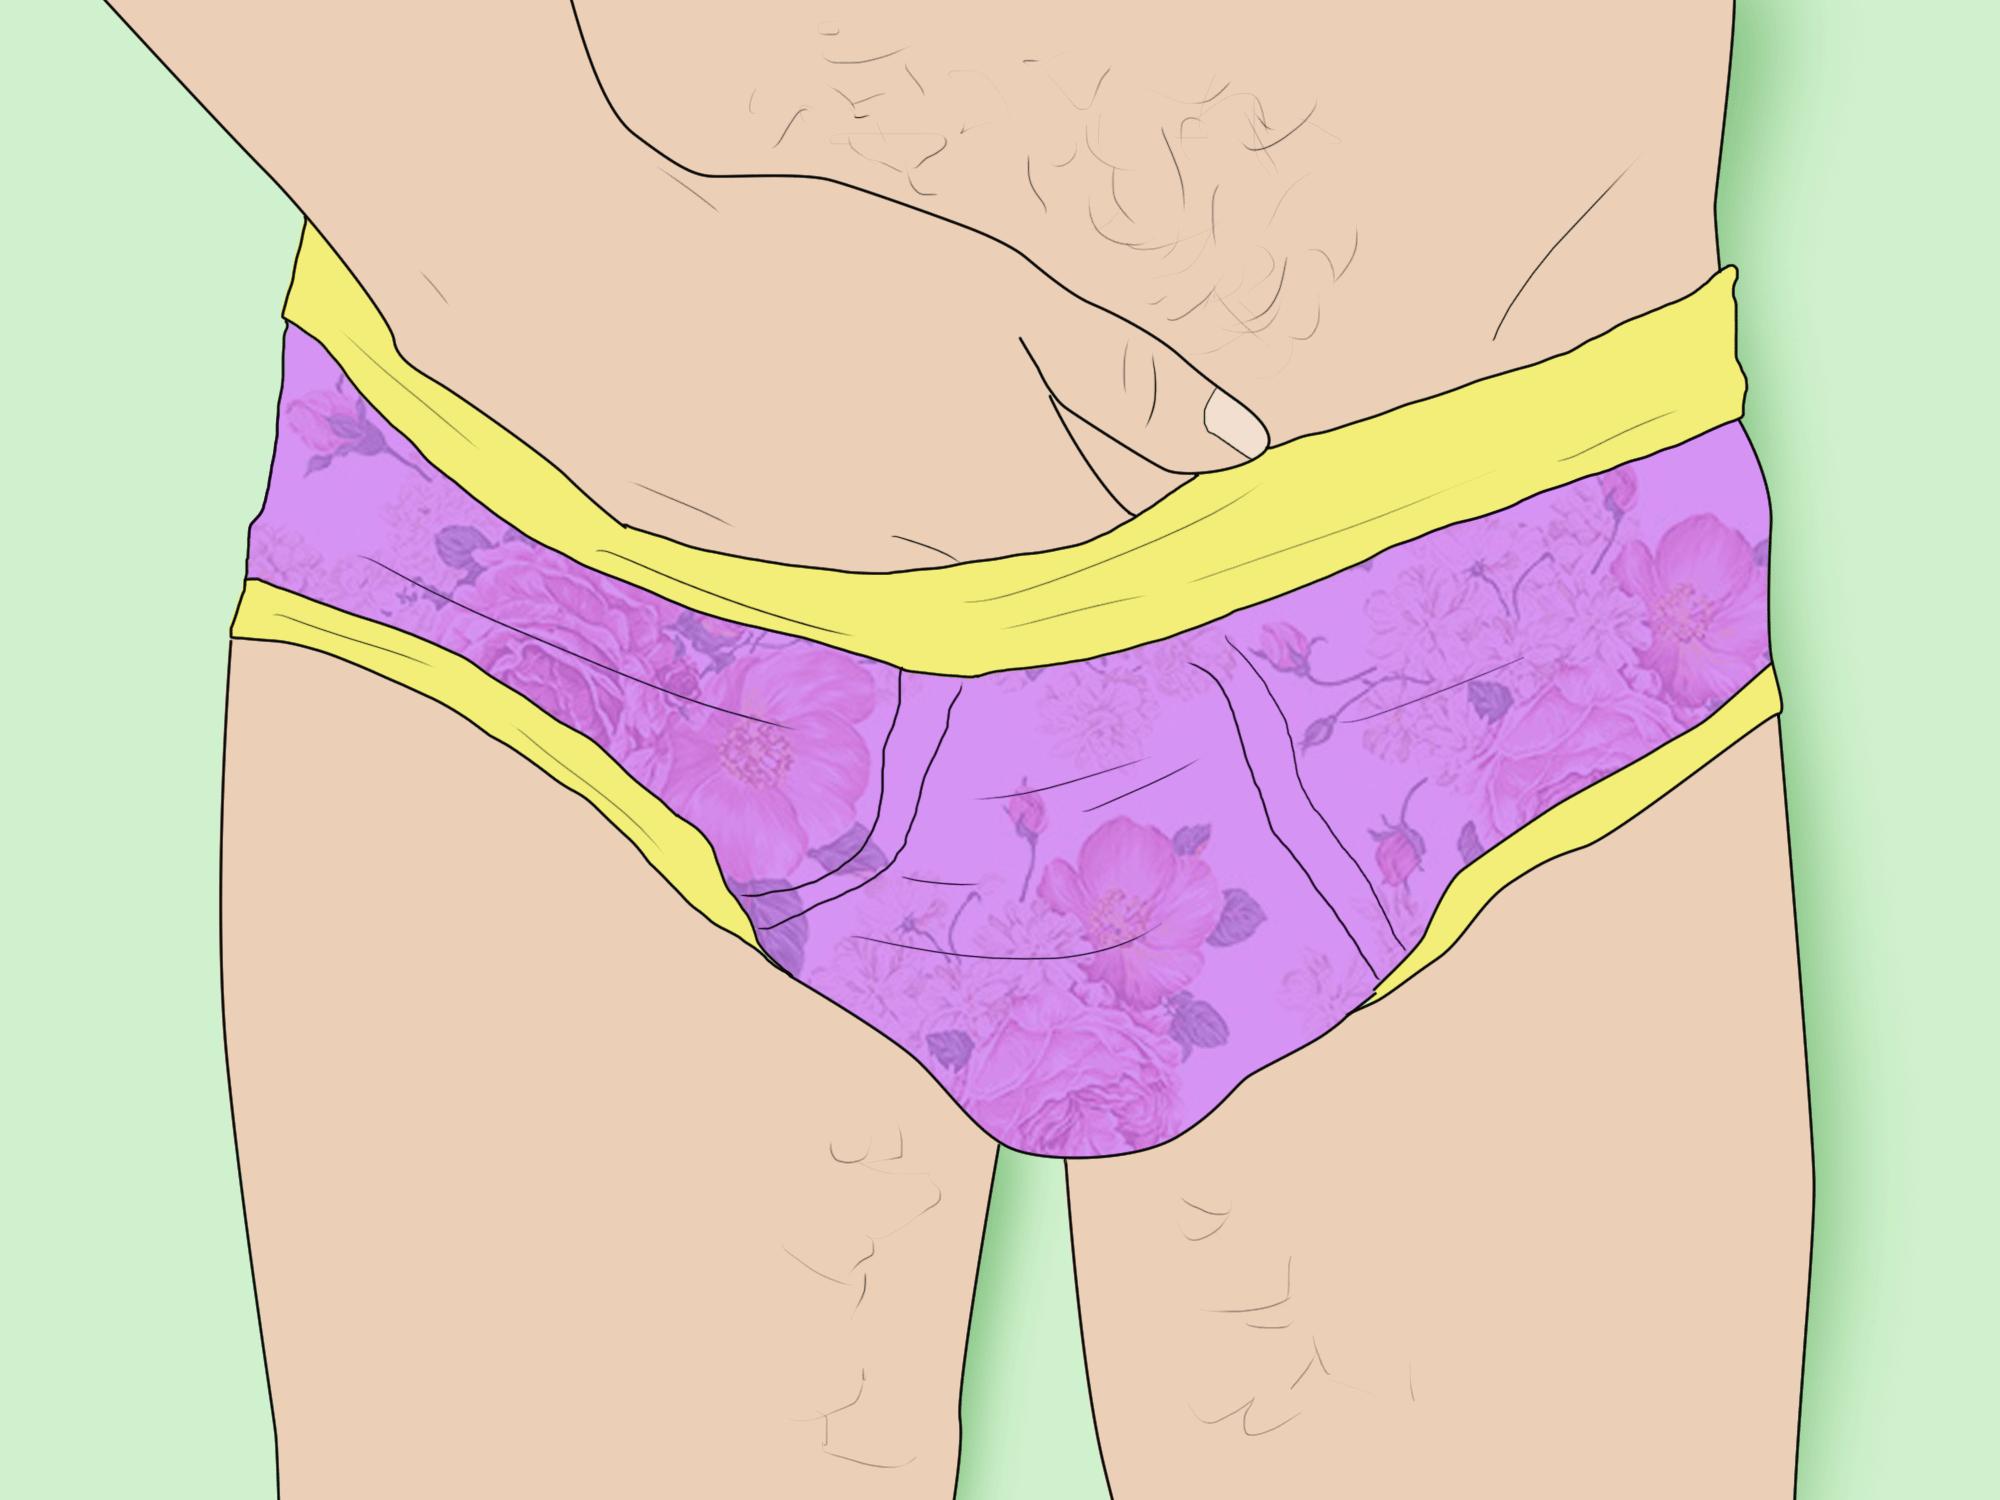 ce trebuie făcut pentru ca o erecție să dureze mai mult probleme mari ale penisului